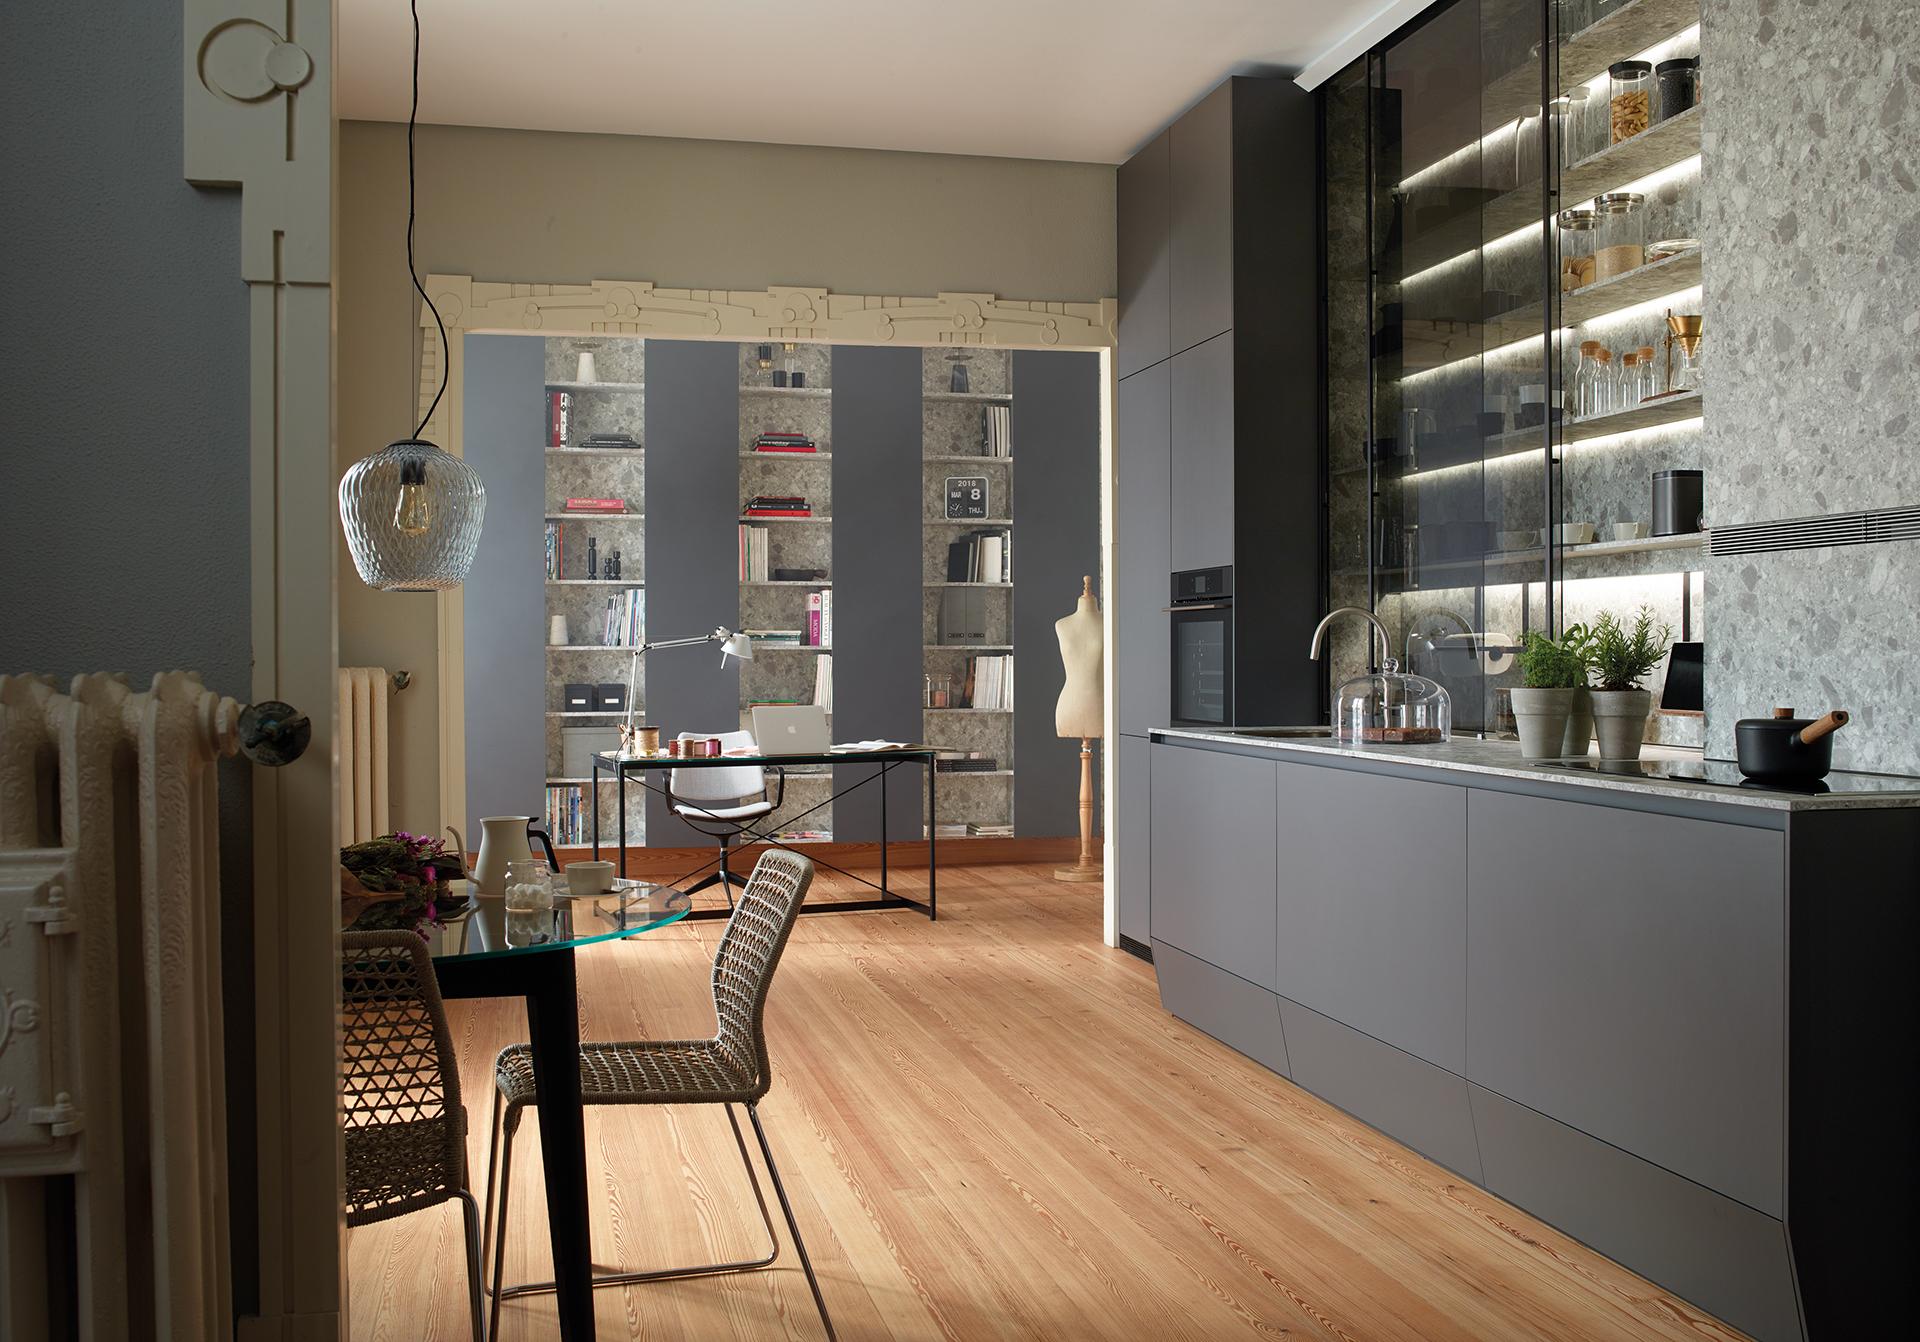 Cocinas con encanto abiertas, amplias y luminosas Santiago Interiores